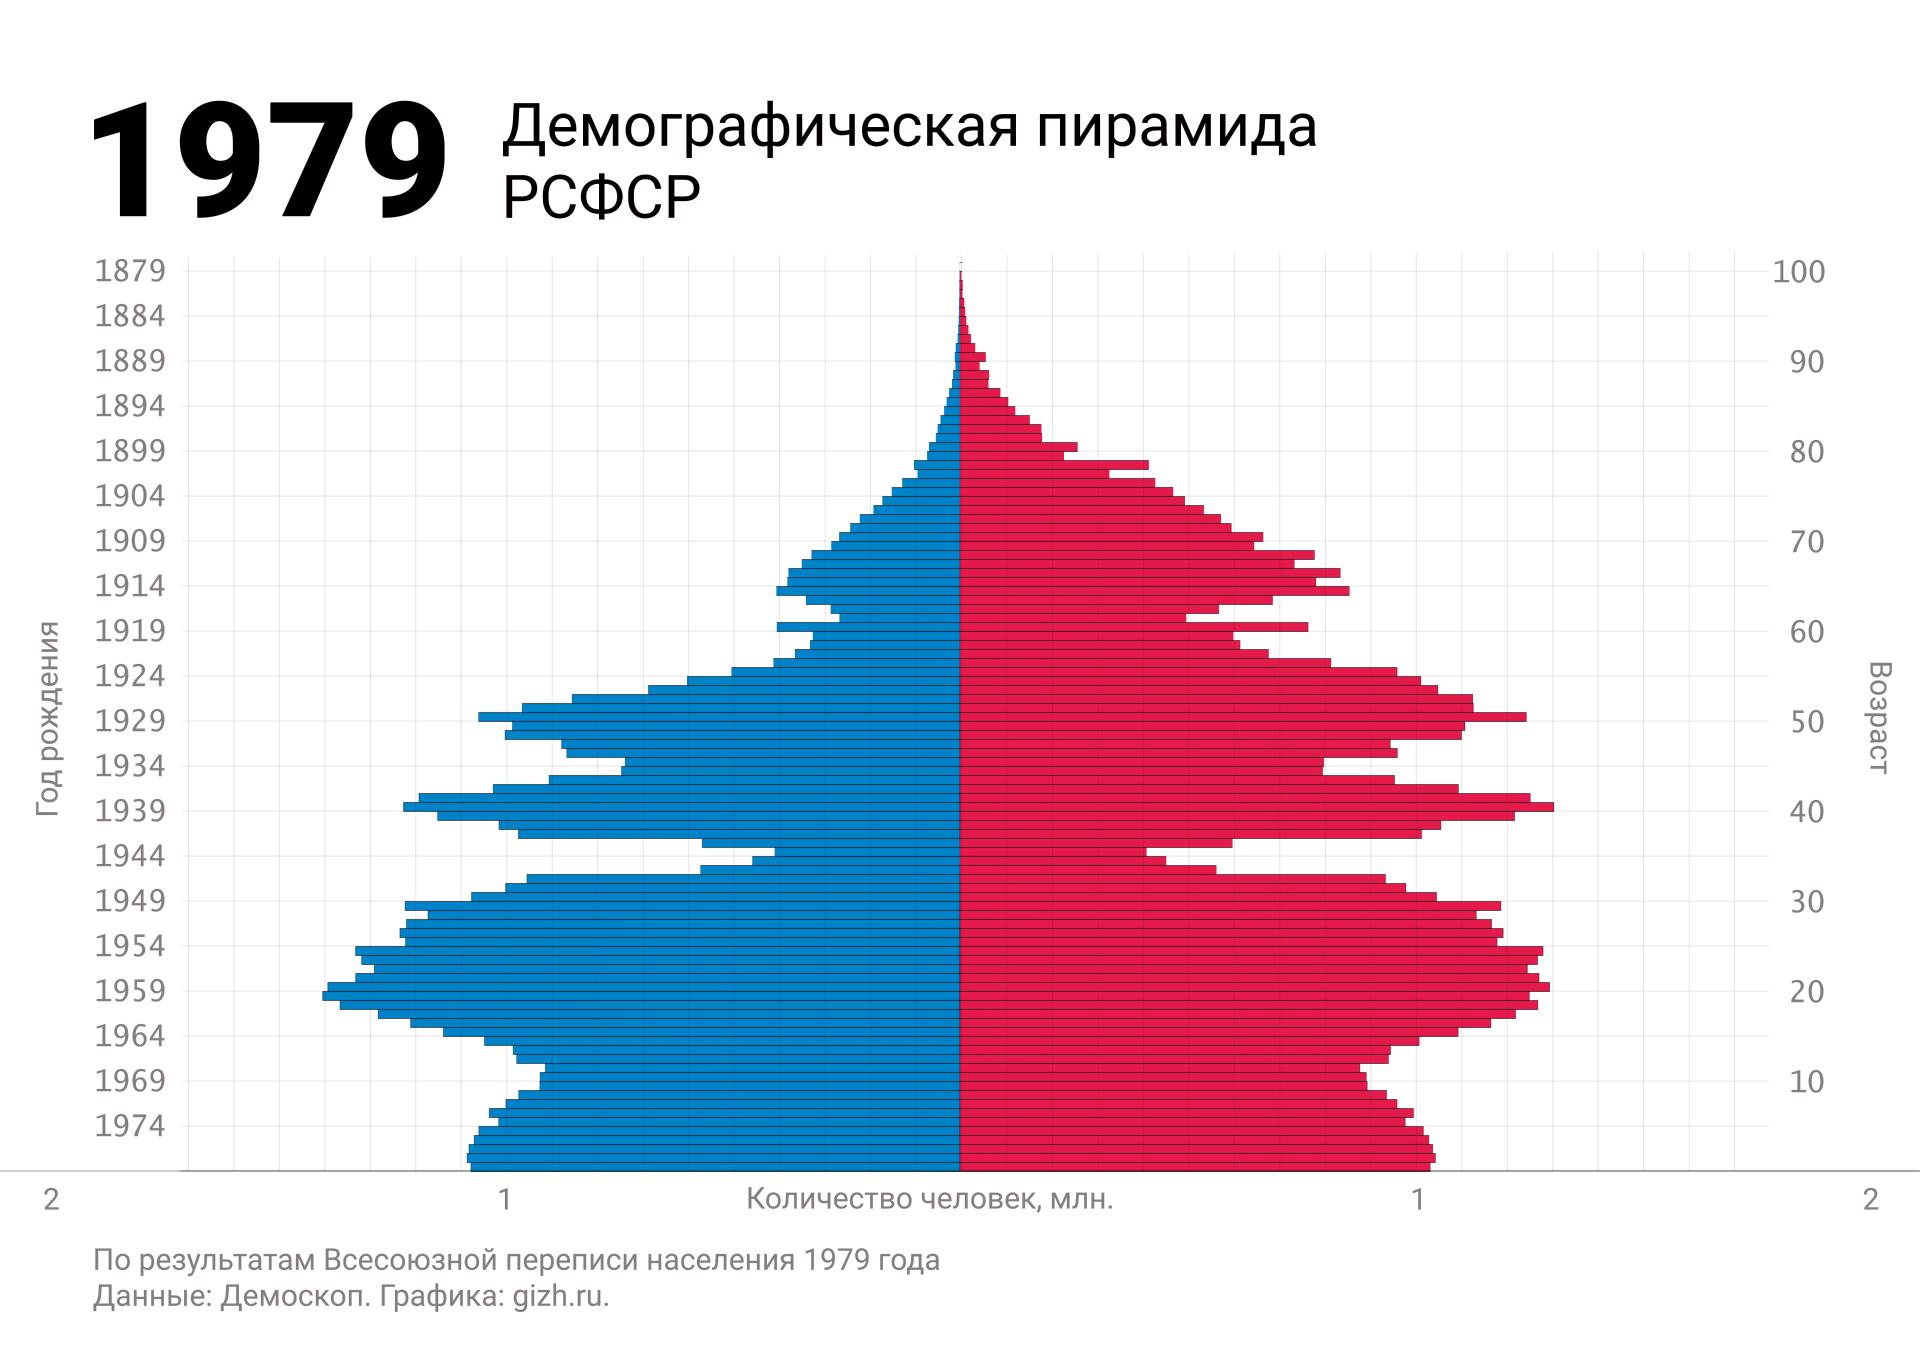 Демографическая (половозрастная) пирамида России (СССР, РСФСР) по переписи 1979